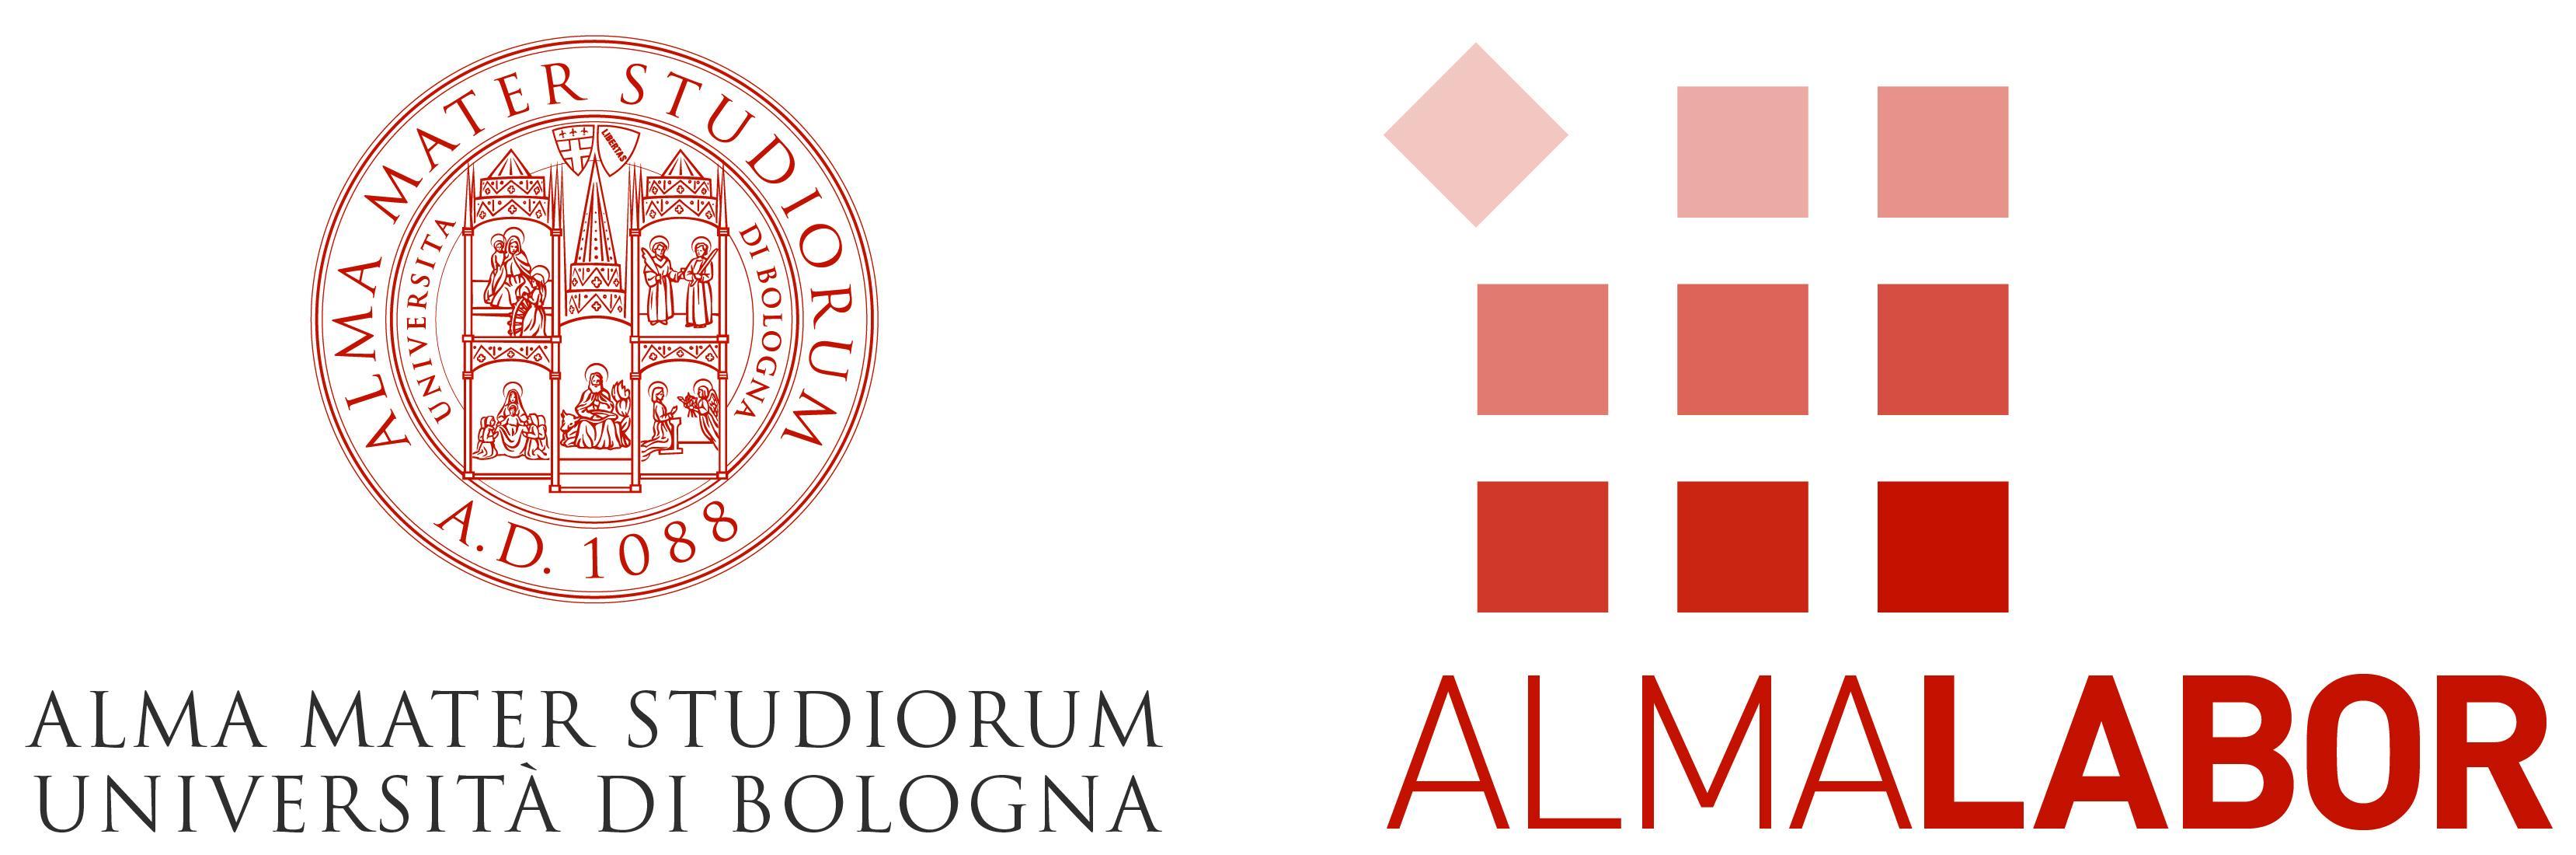 Università di Bologna - ALMALABOR